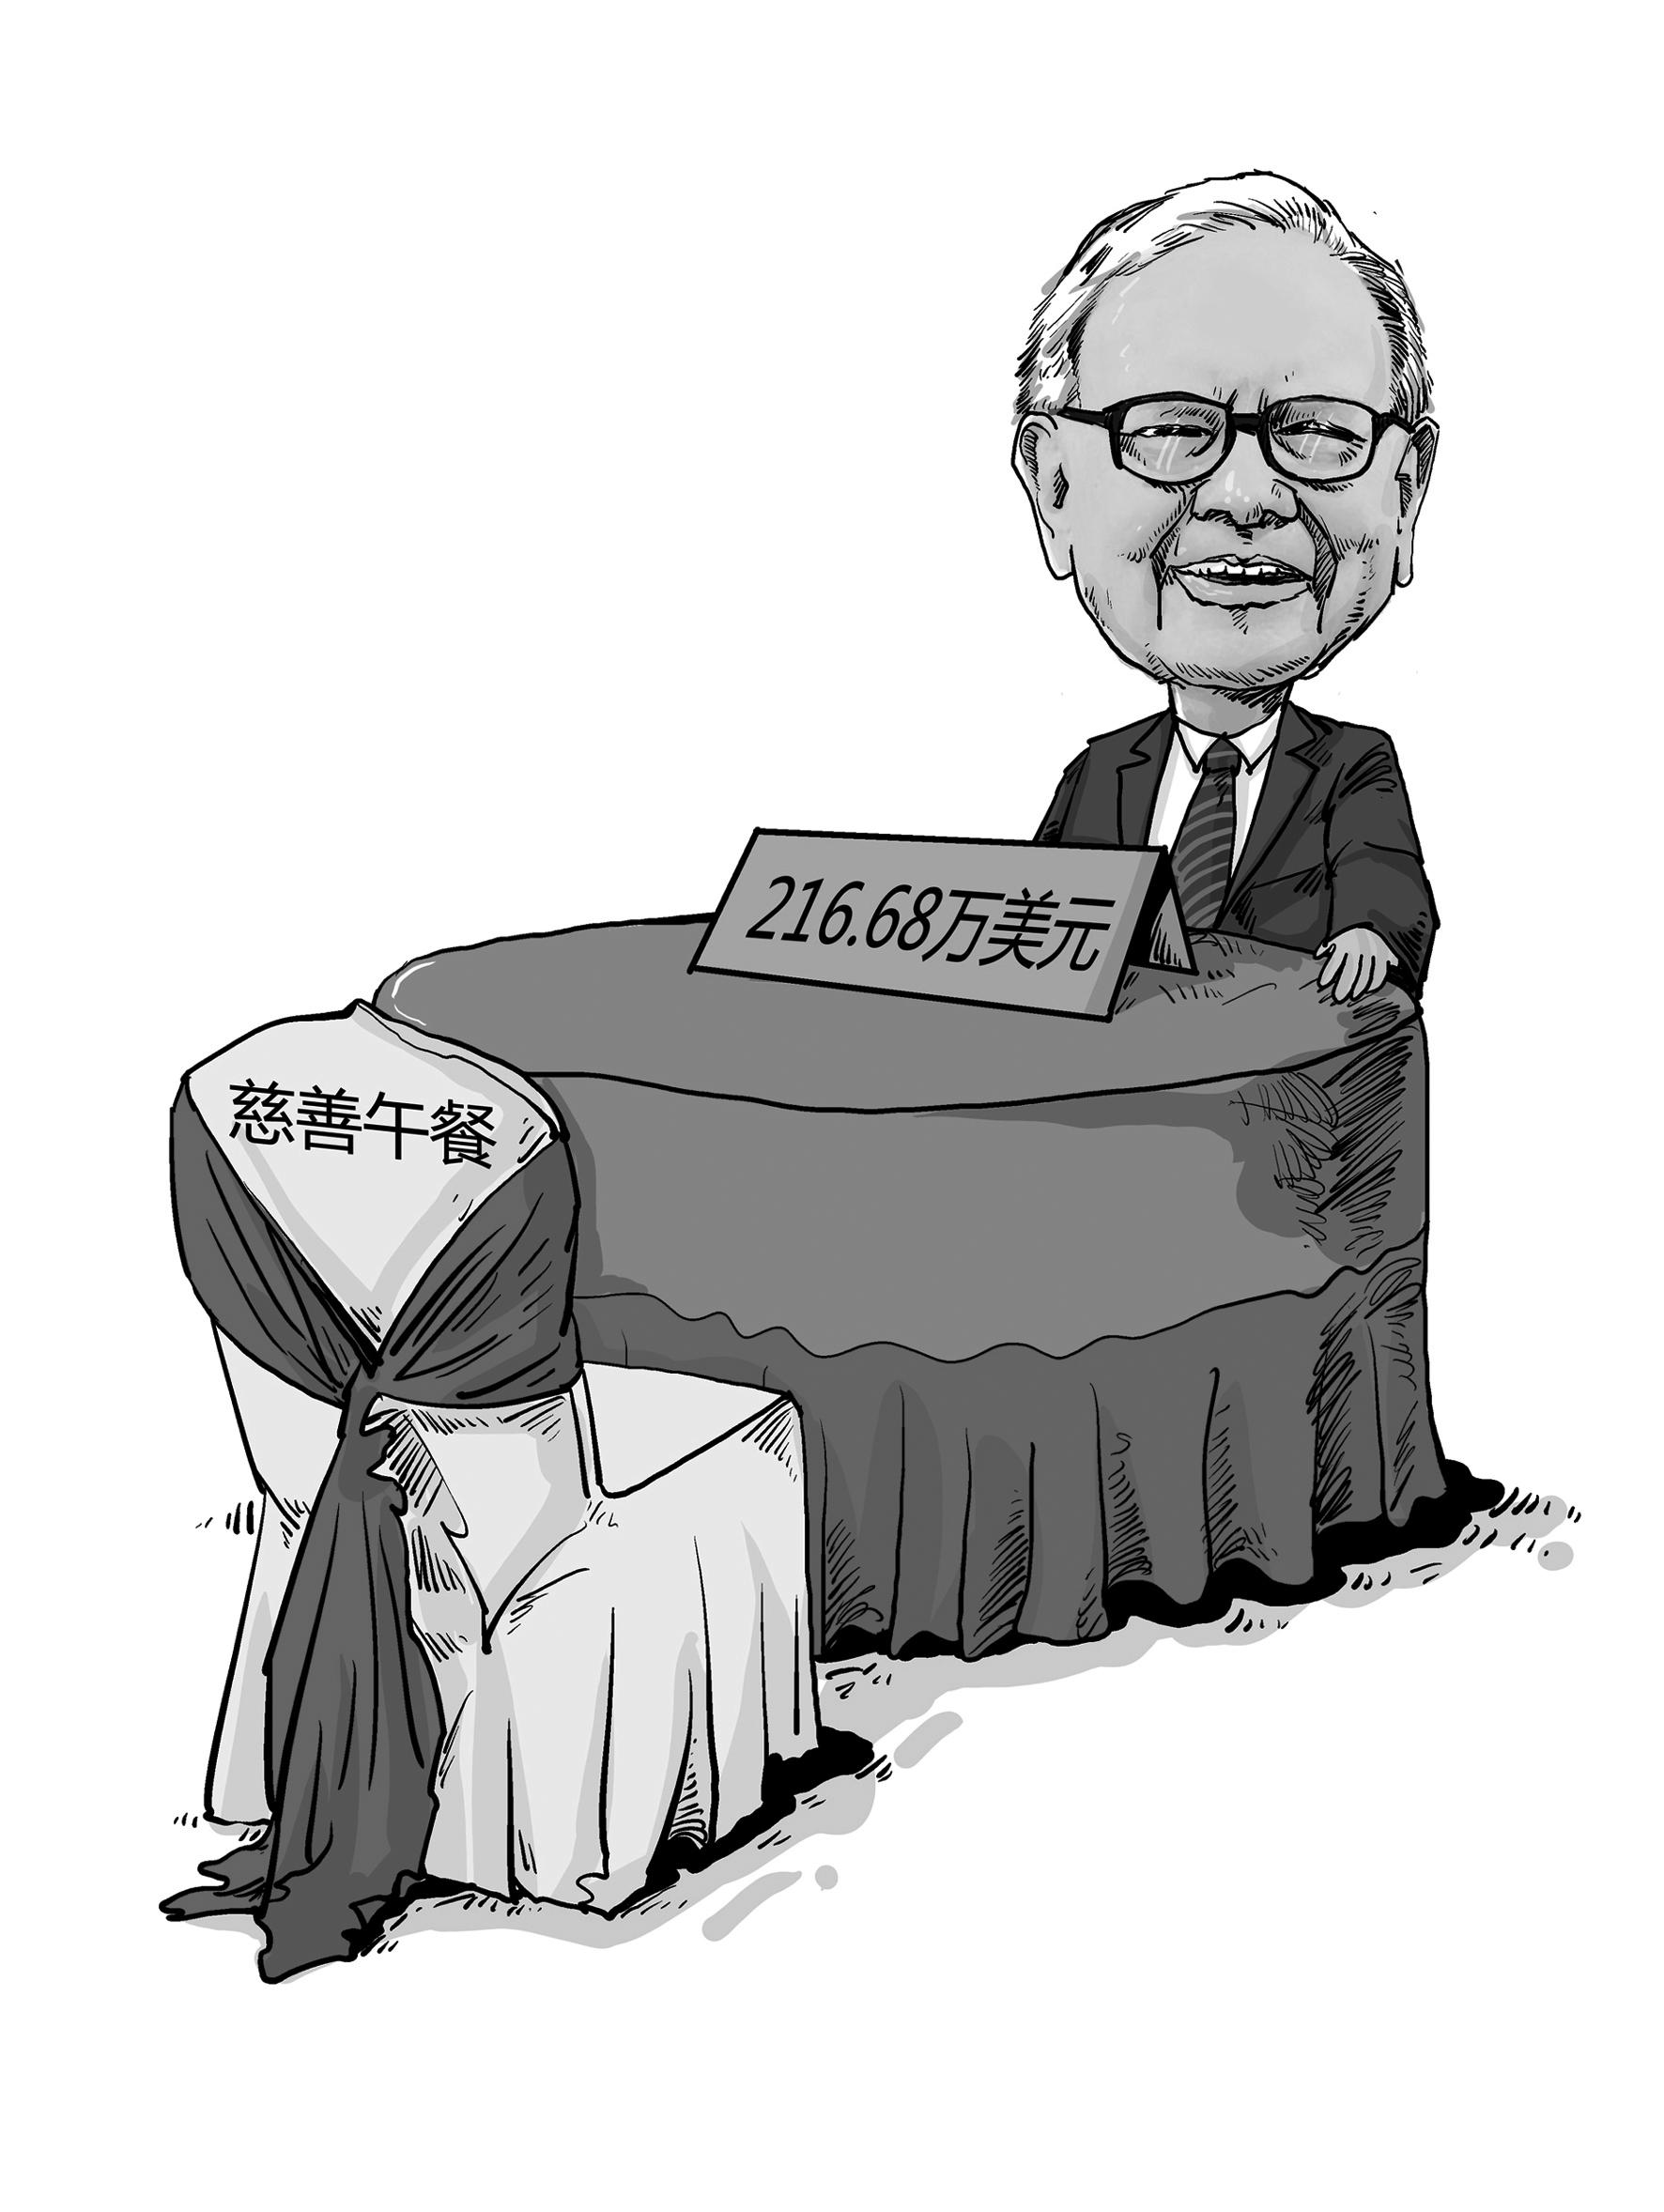 漫画/付业兴